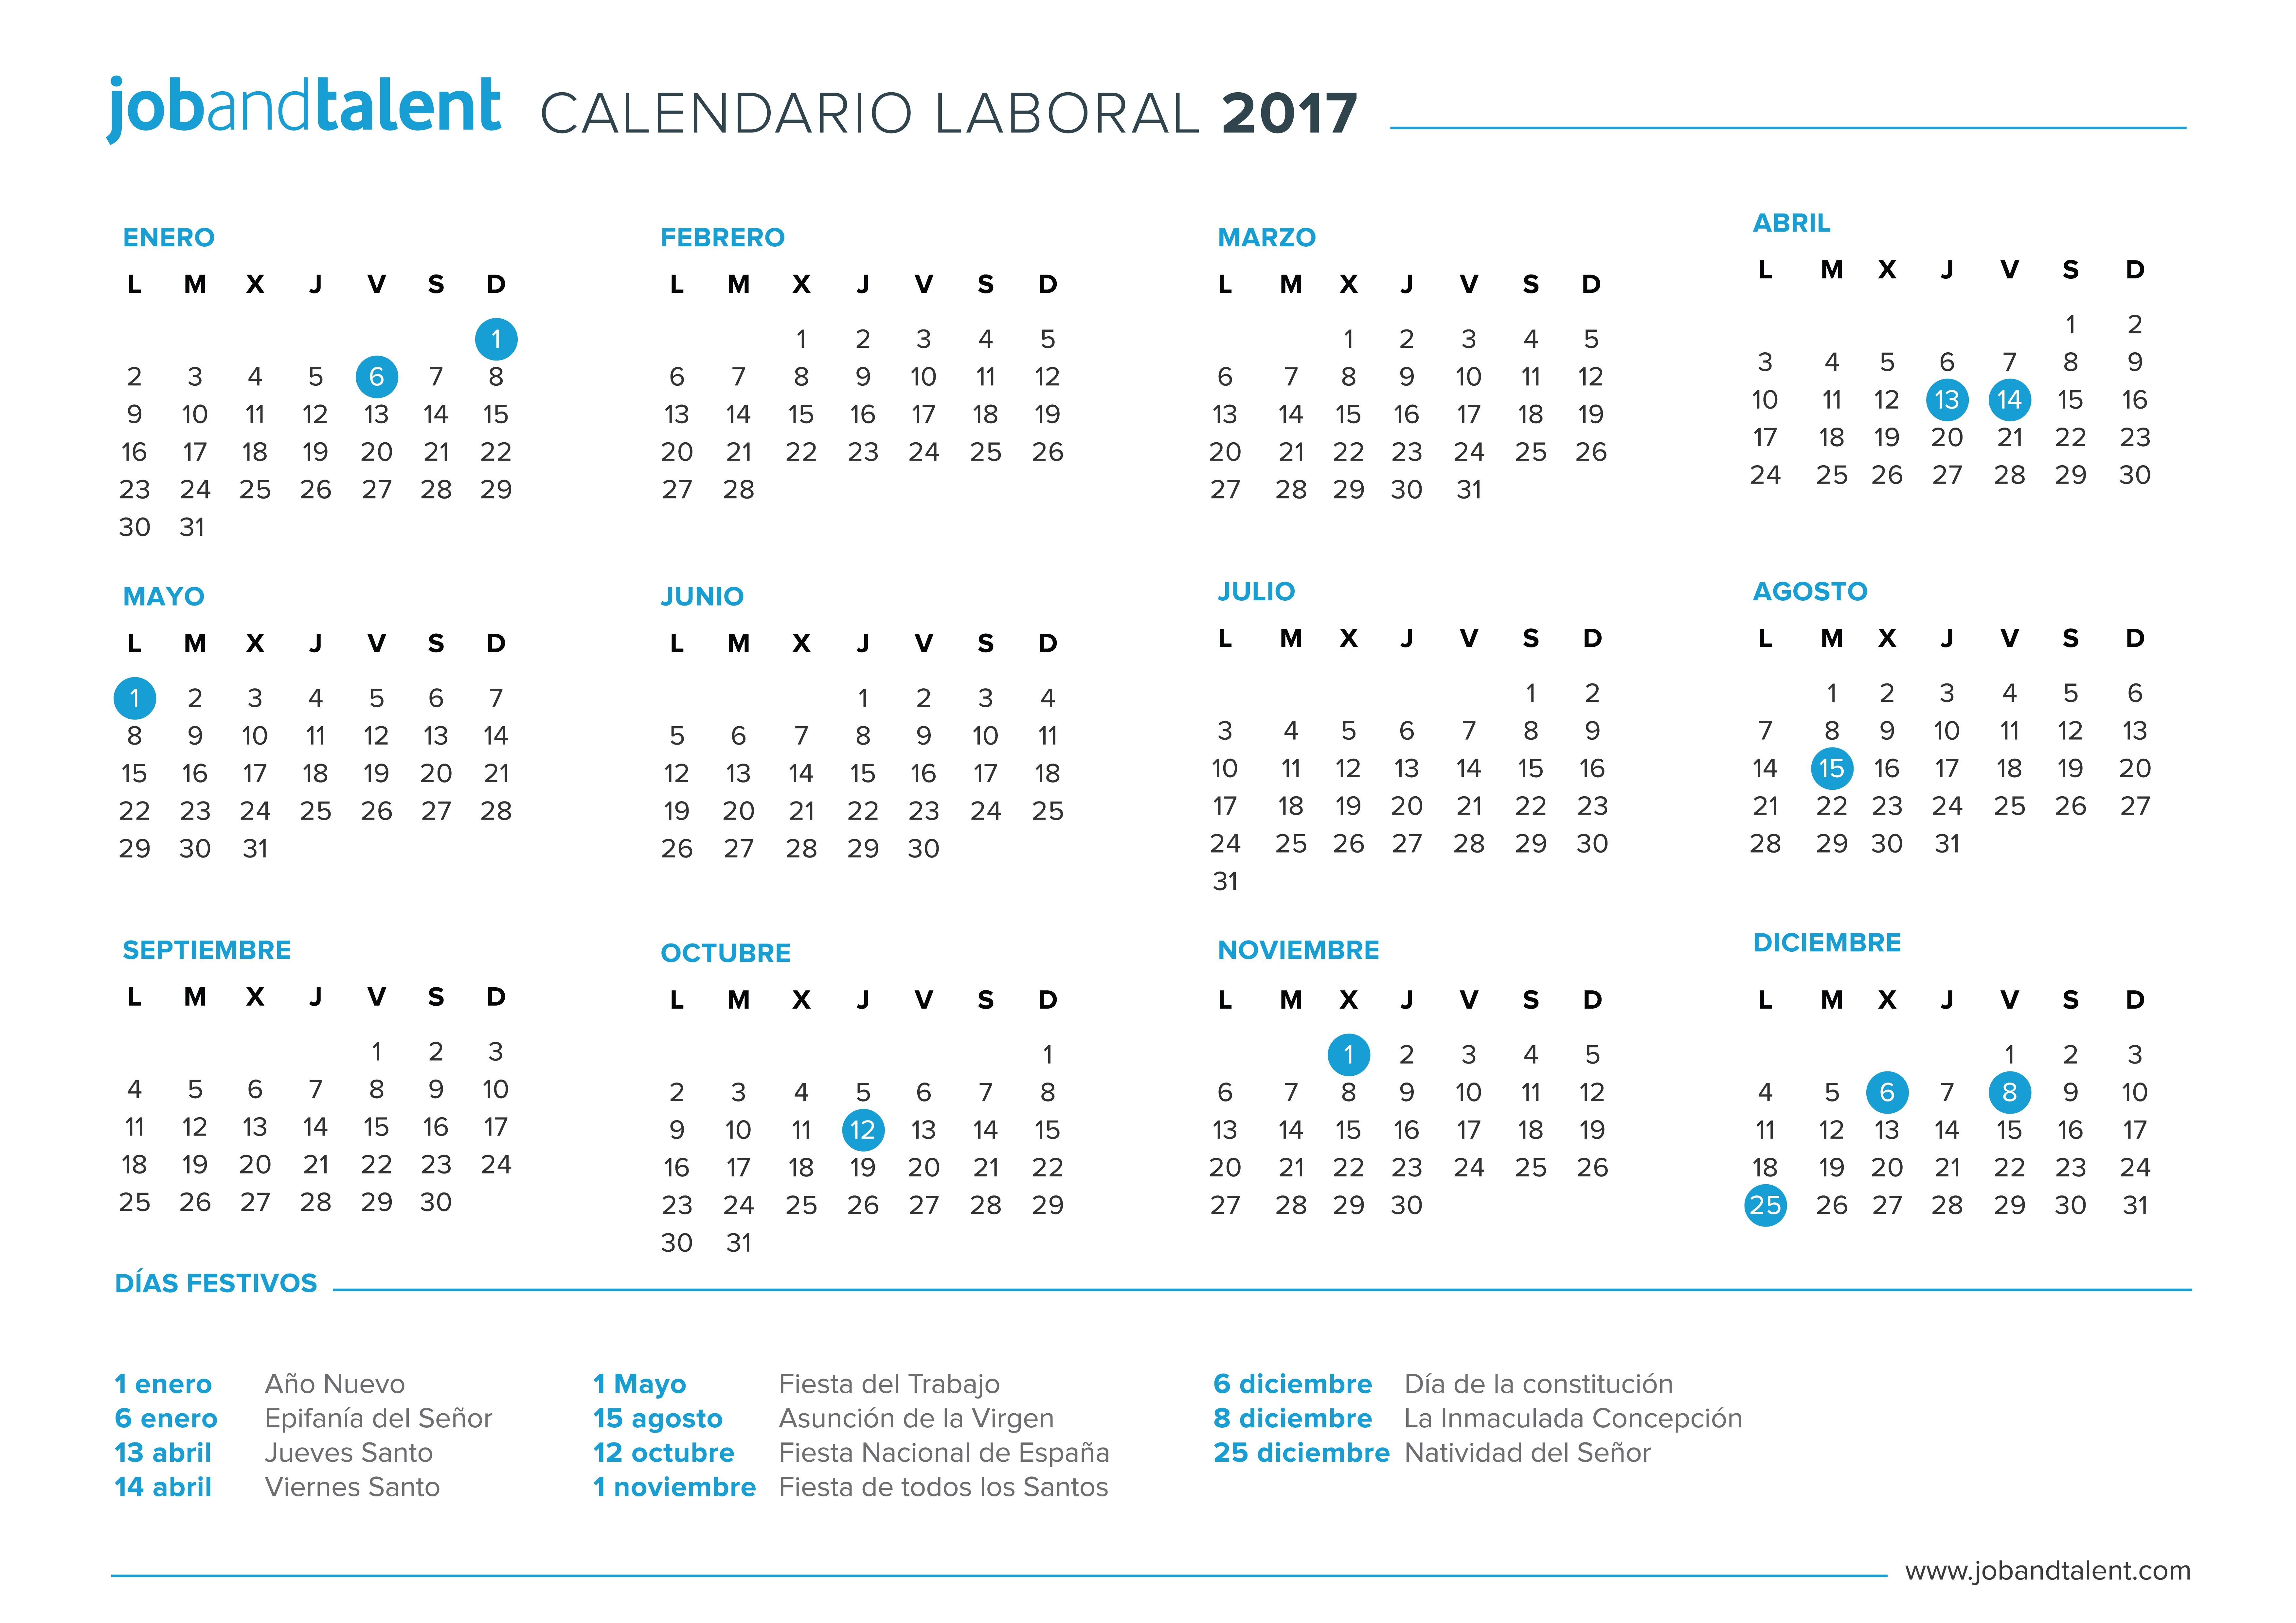 Calendario 2019 Con Festivos Comunidad Valenciana Más Caliente Calendario 2018 Con Festivos Of Calendario 2019 Con Festivos Comunidad Valenciana Más Recientes Calendario Escolar 2018 2019 Más De 100 Plantillas E Imágenes Para